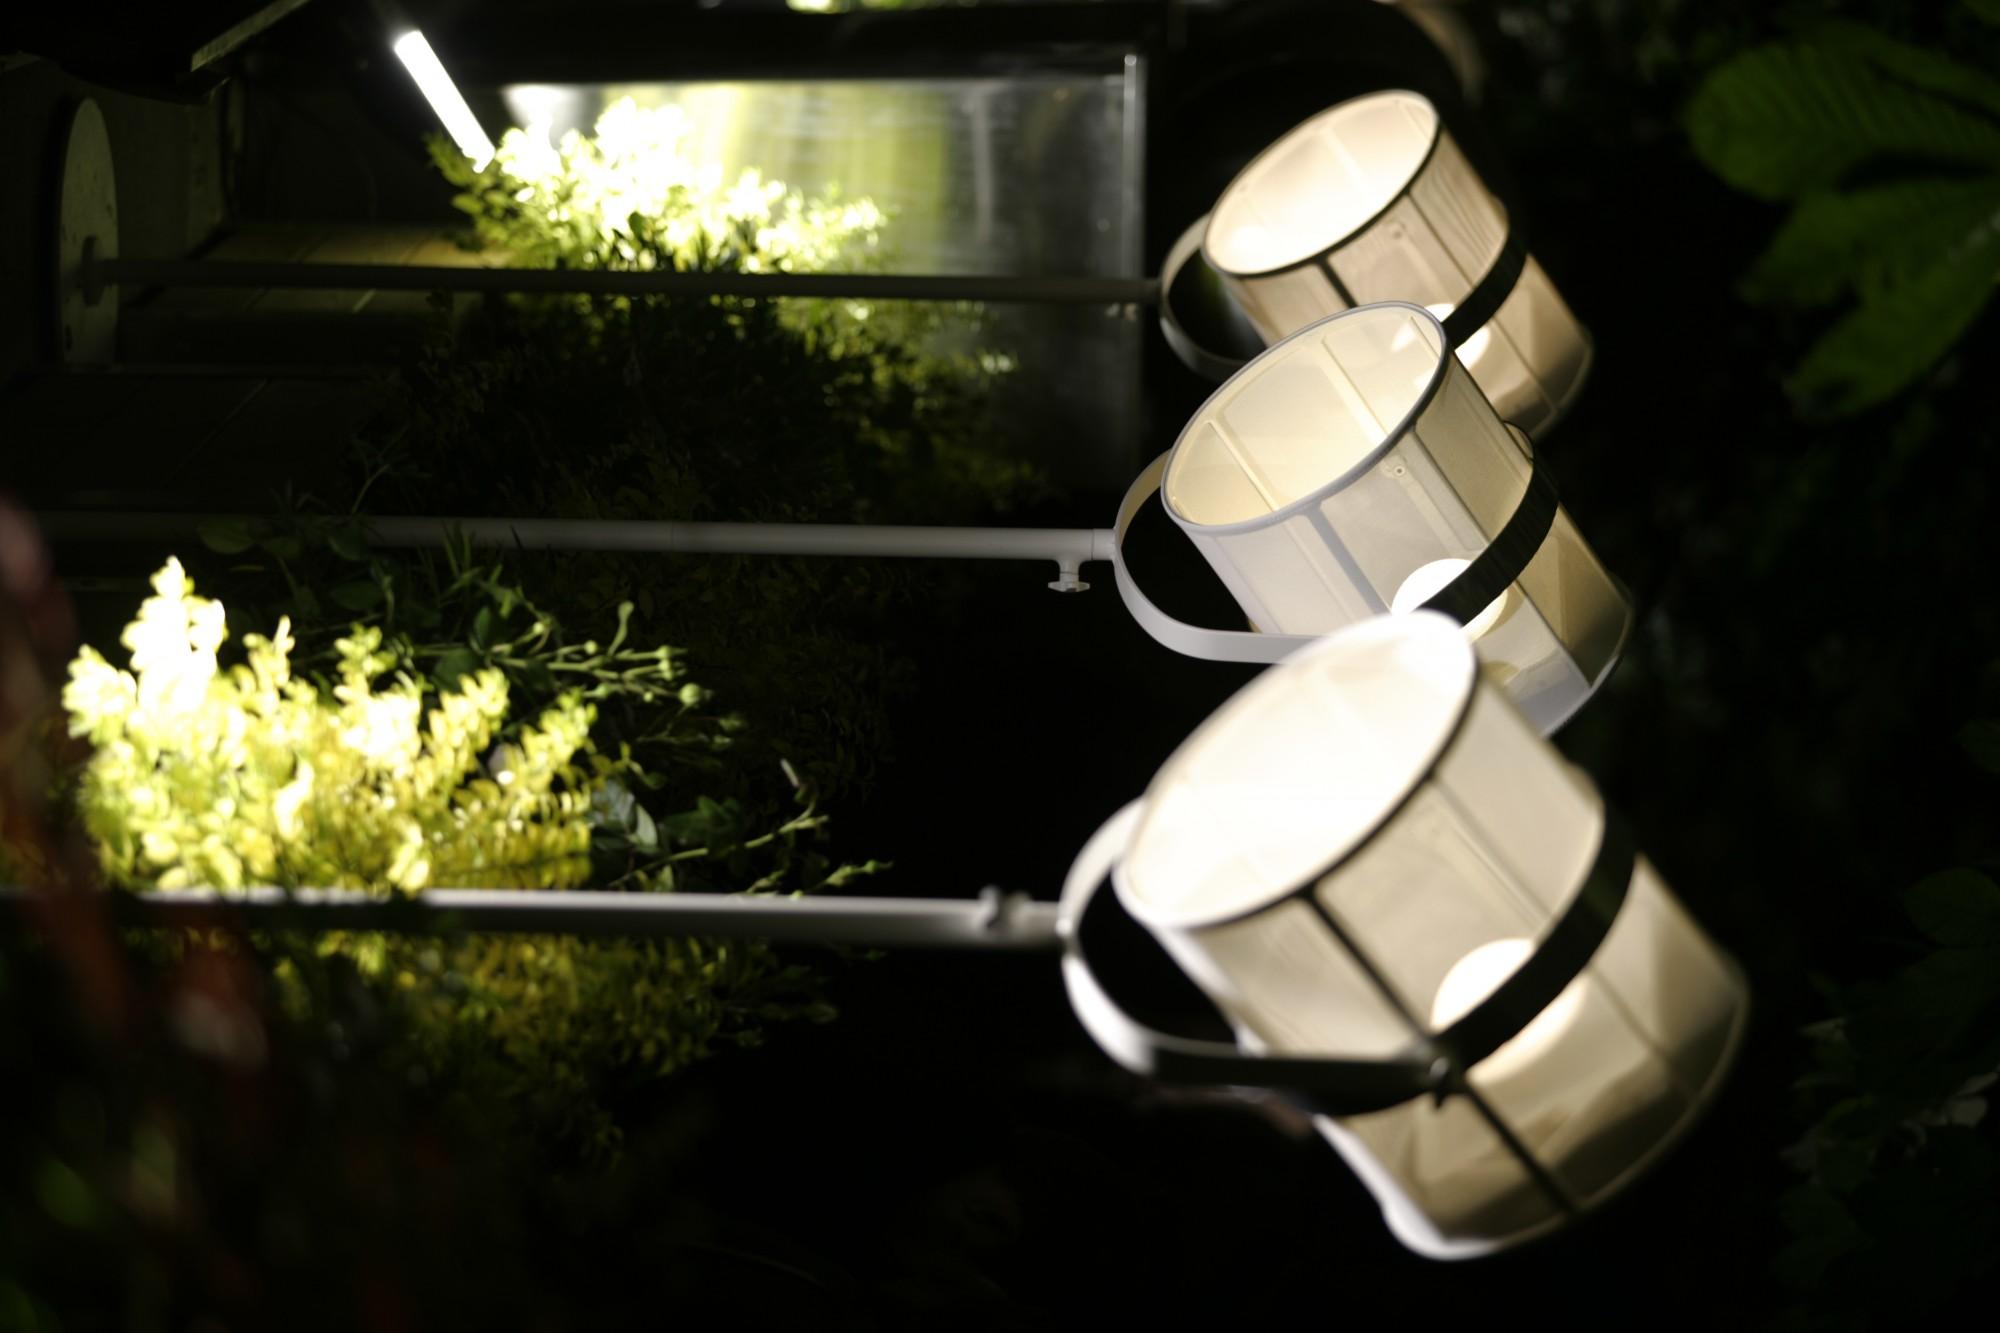 acheter luminaires de jardin design fatboy maiori fermob et structures lyon pas chers. Black Bedroom Furniture Sets. Home Design Ideas